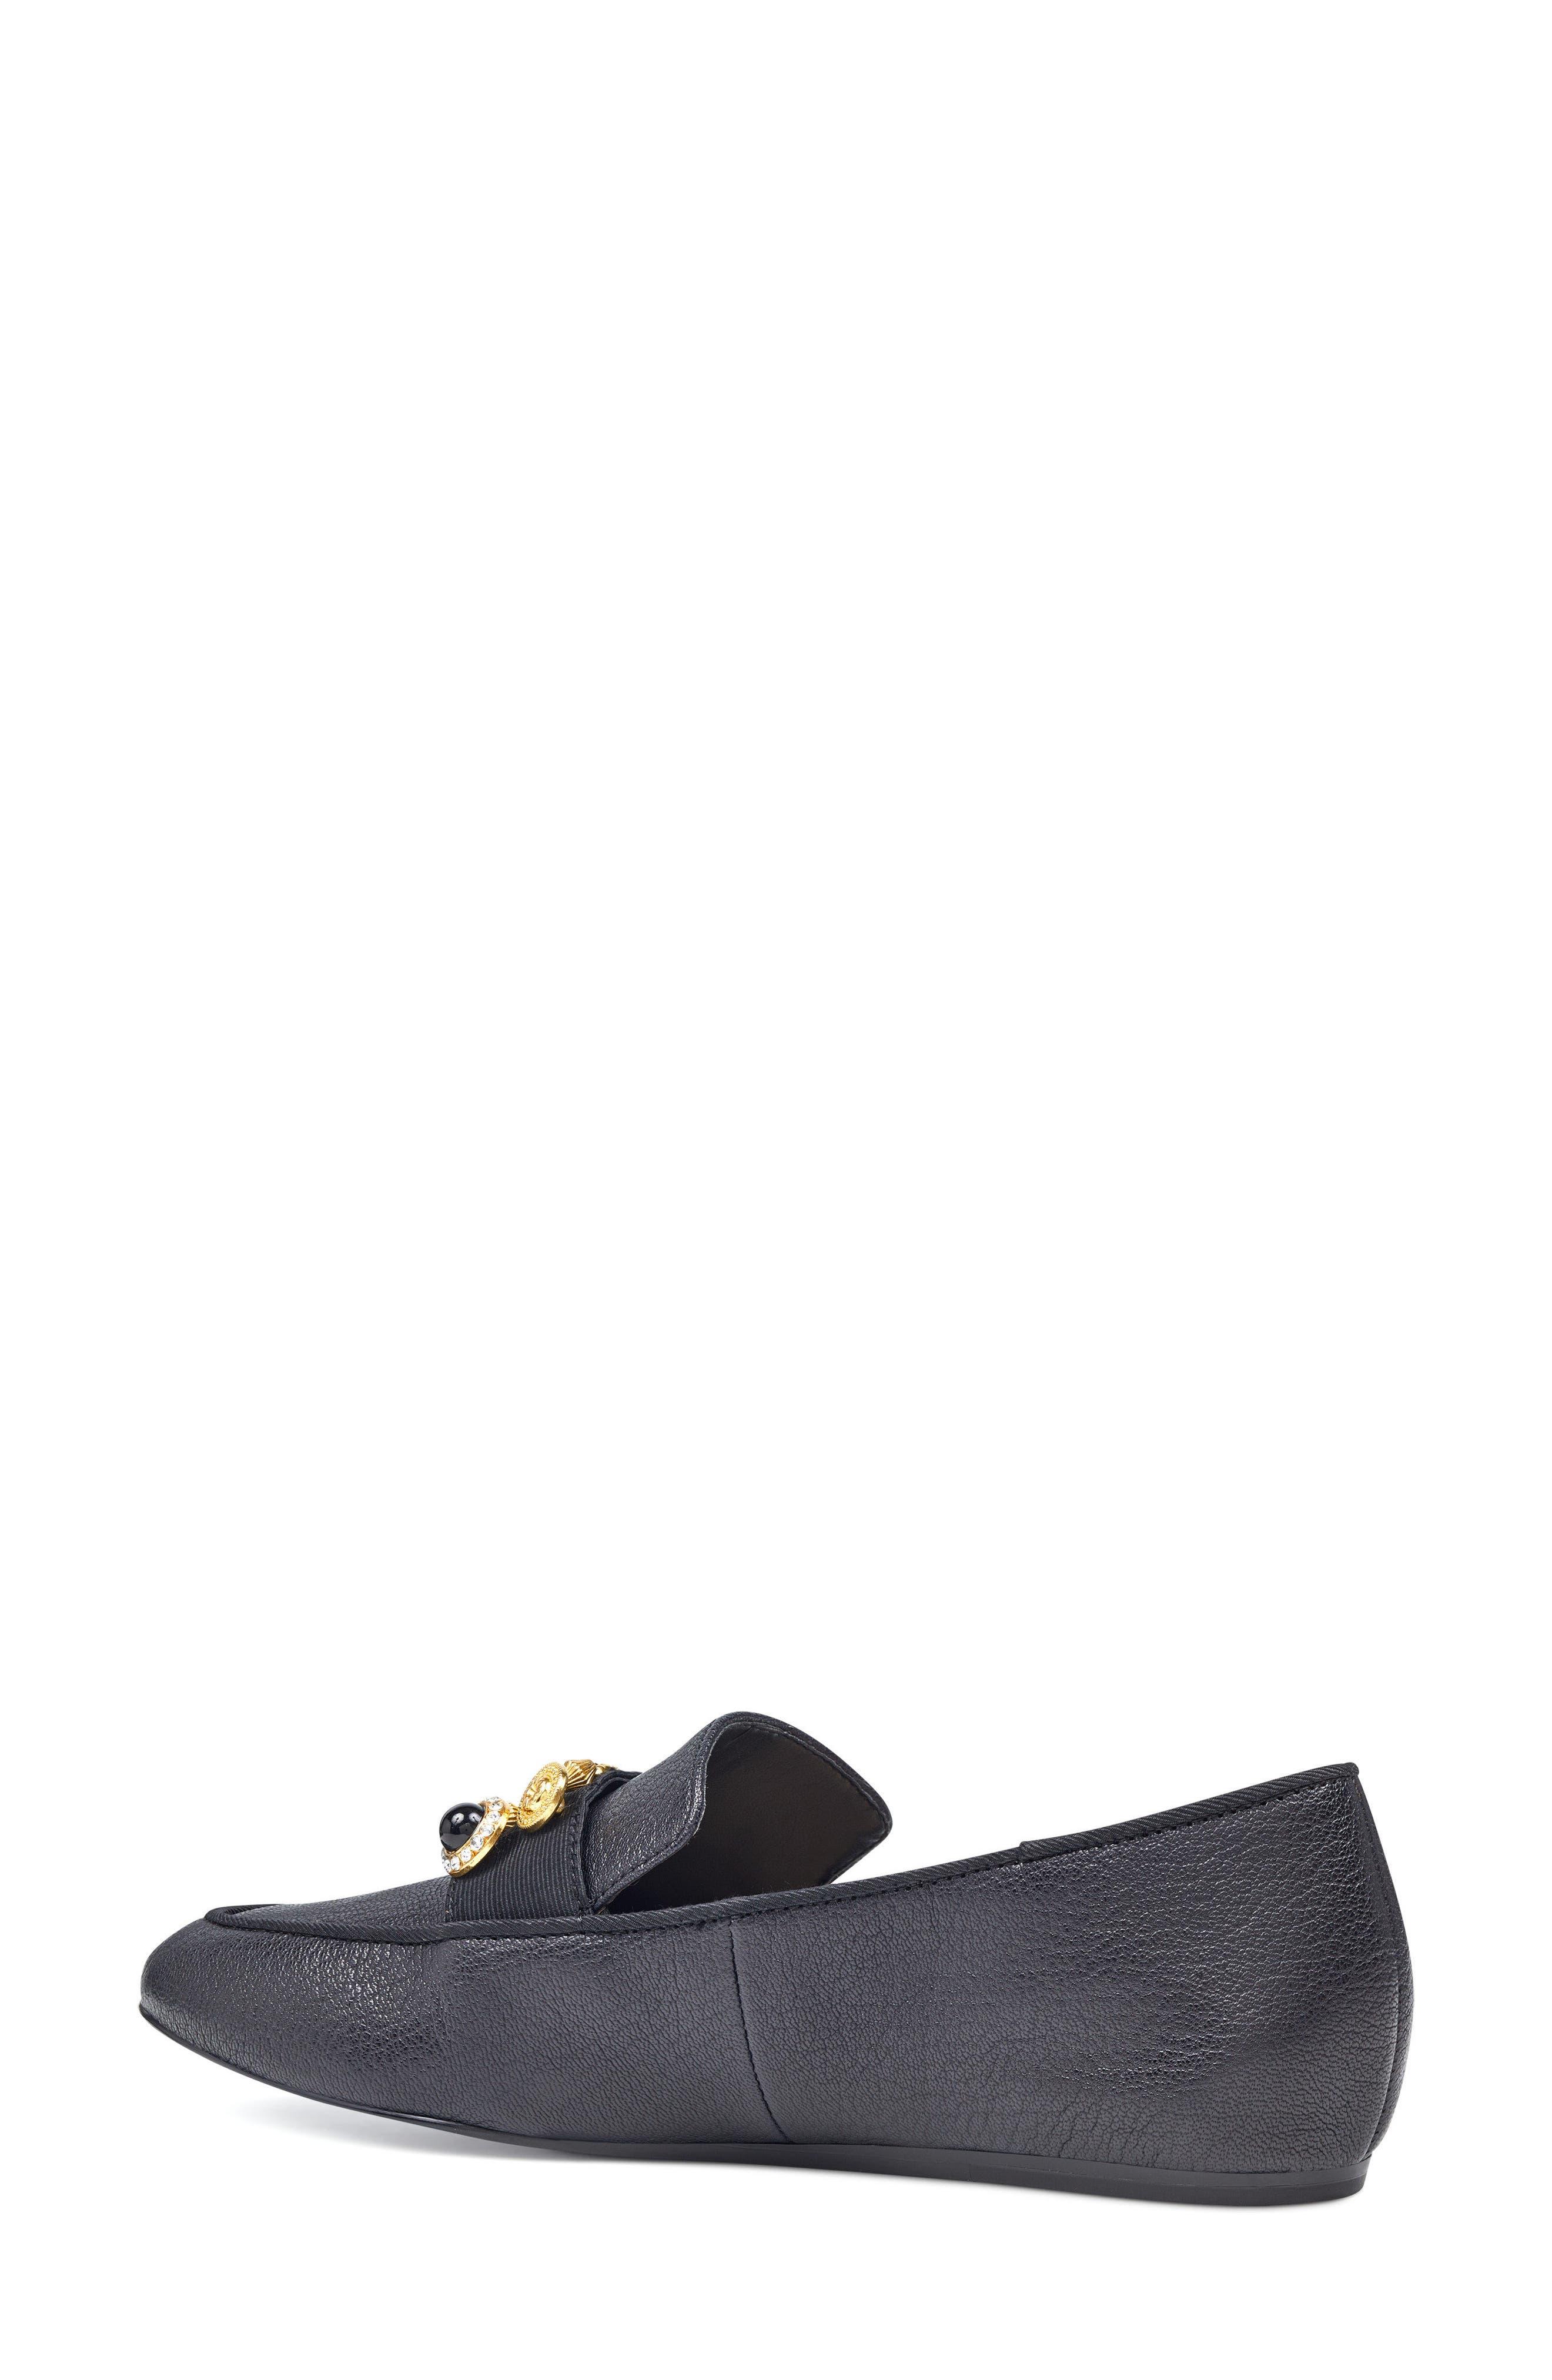 Baus Loafer Flat,                             Alternate thumbnail 2, color,                             Black/ Black Leather